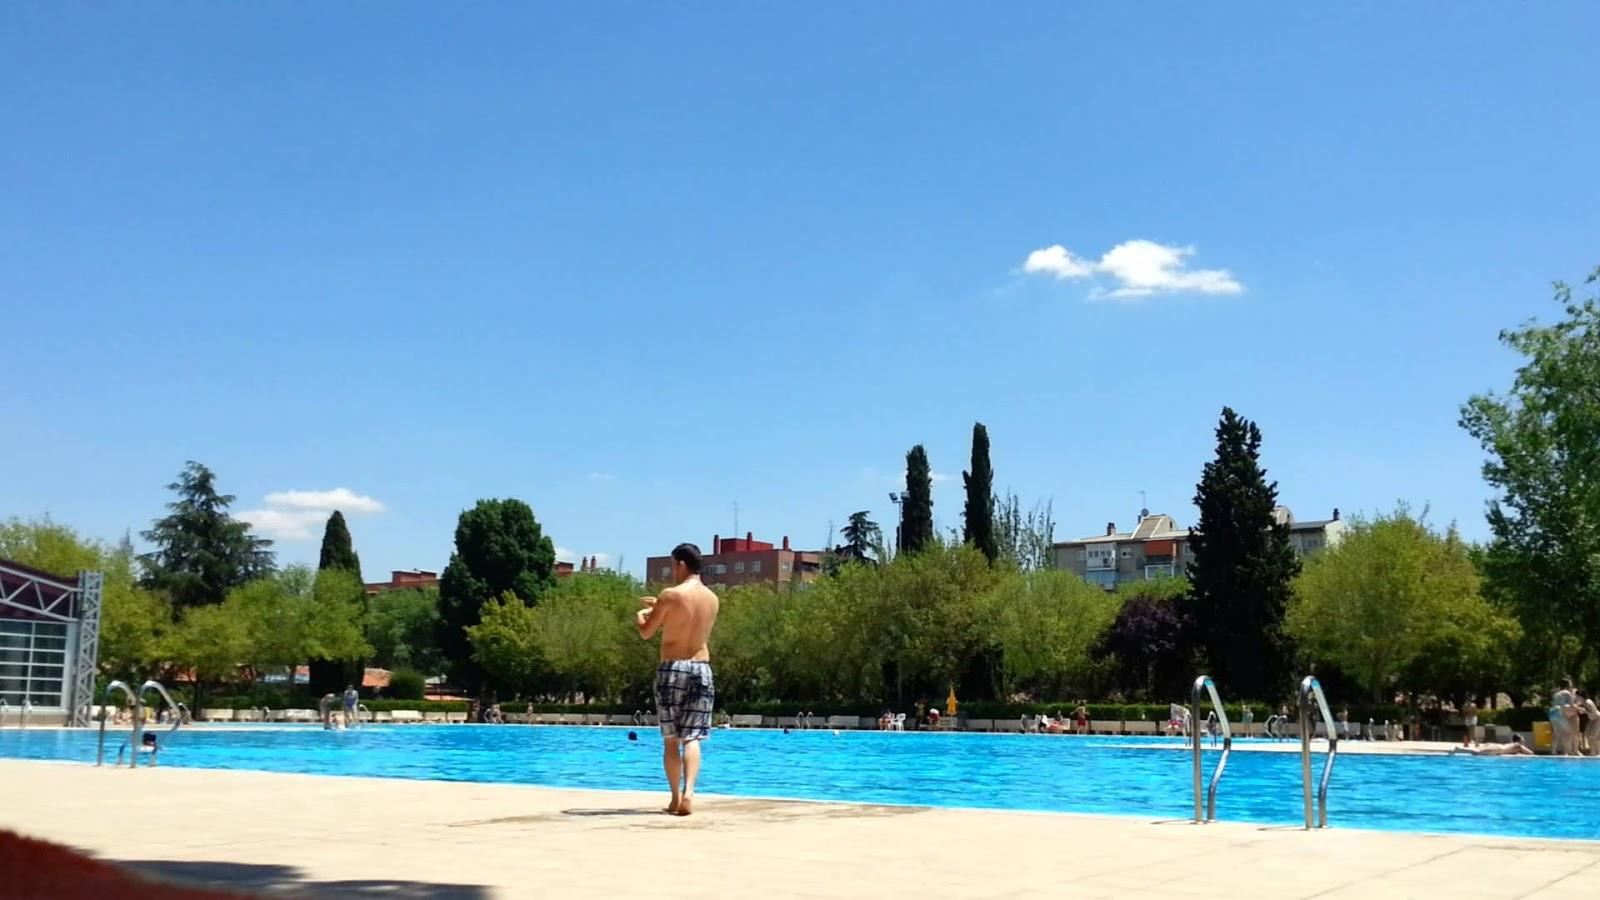 La piscina de verano de aluche abri el 30 de mayo y for Piscina municipal barrio del pilar